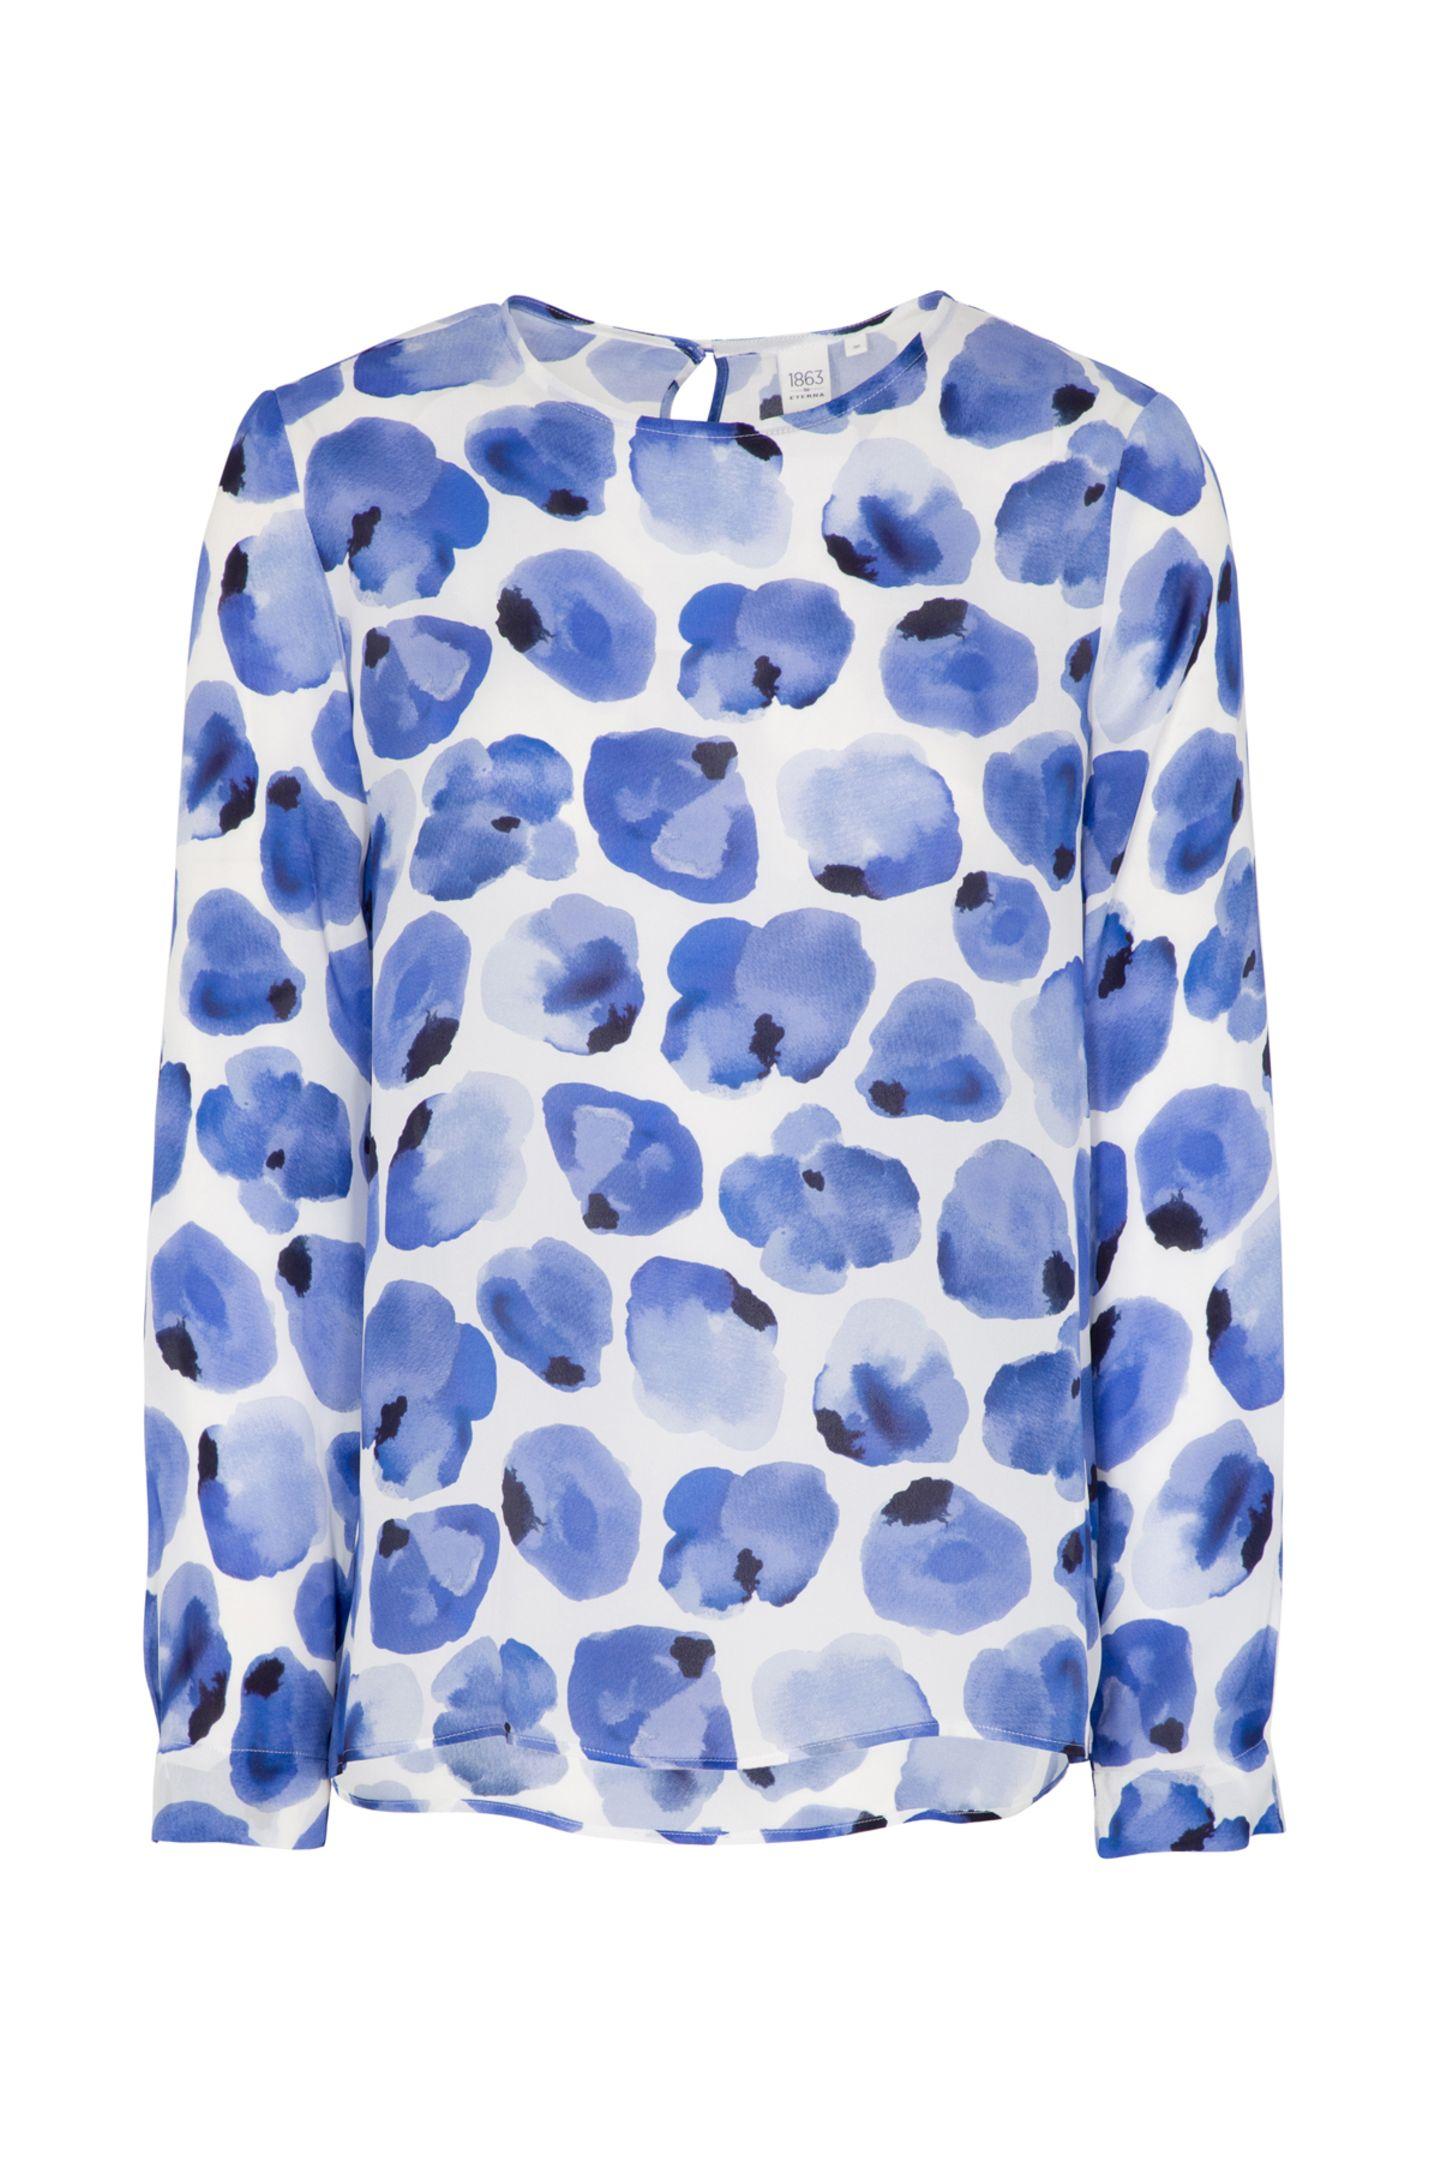 Elegant und vielseitig kombinierbar: Blusen-Shirtaus Seide mit floralem Print von Eterna. Ca. 119 Euro